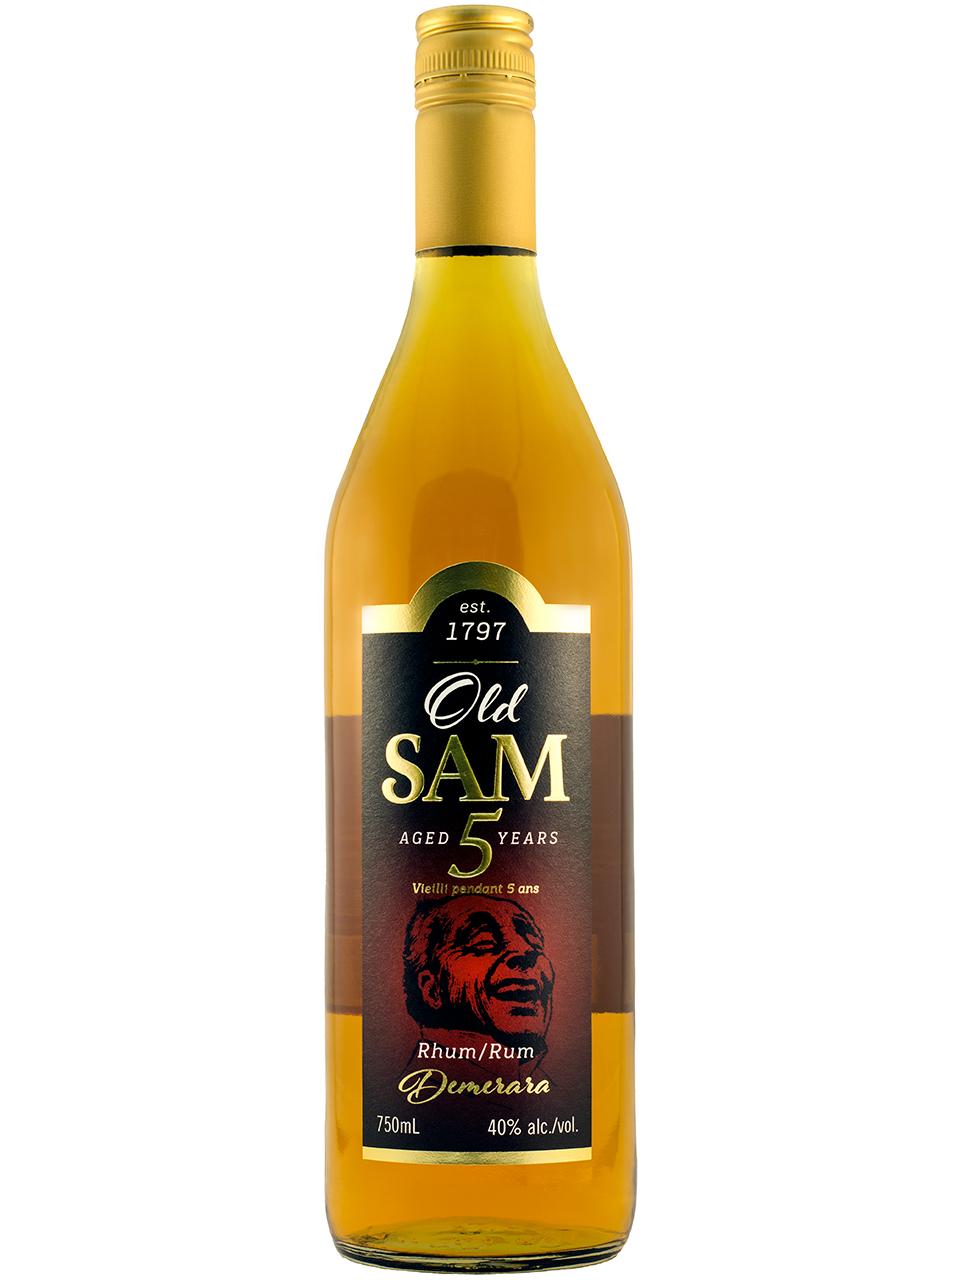 Old Sam 5 Rum